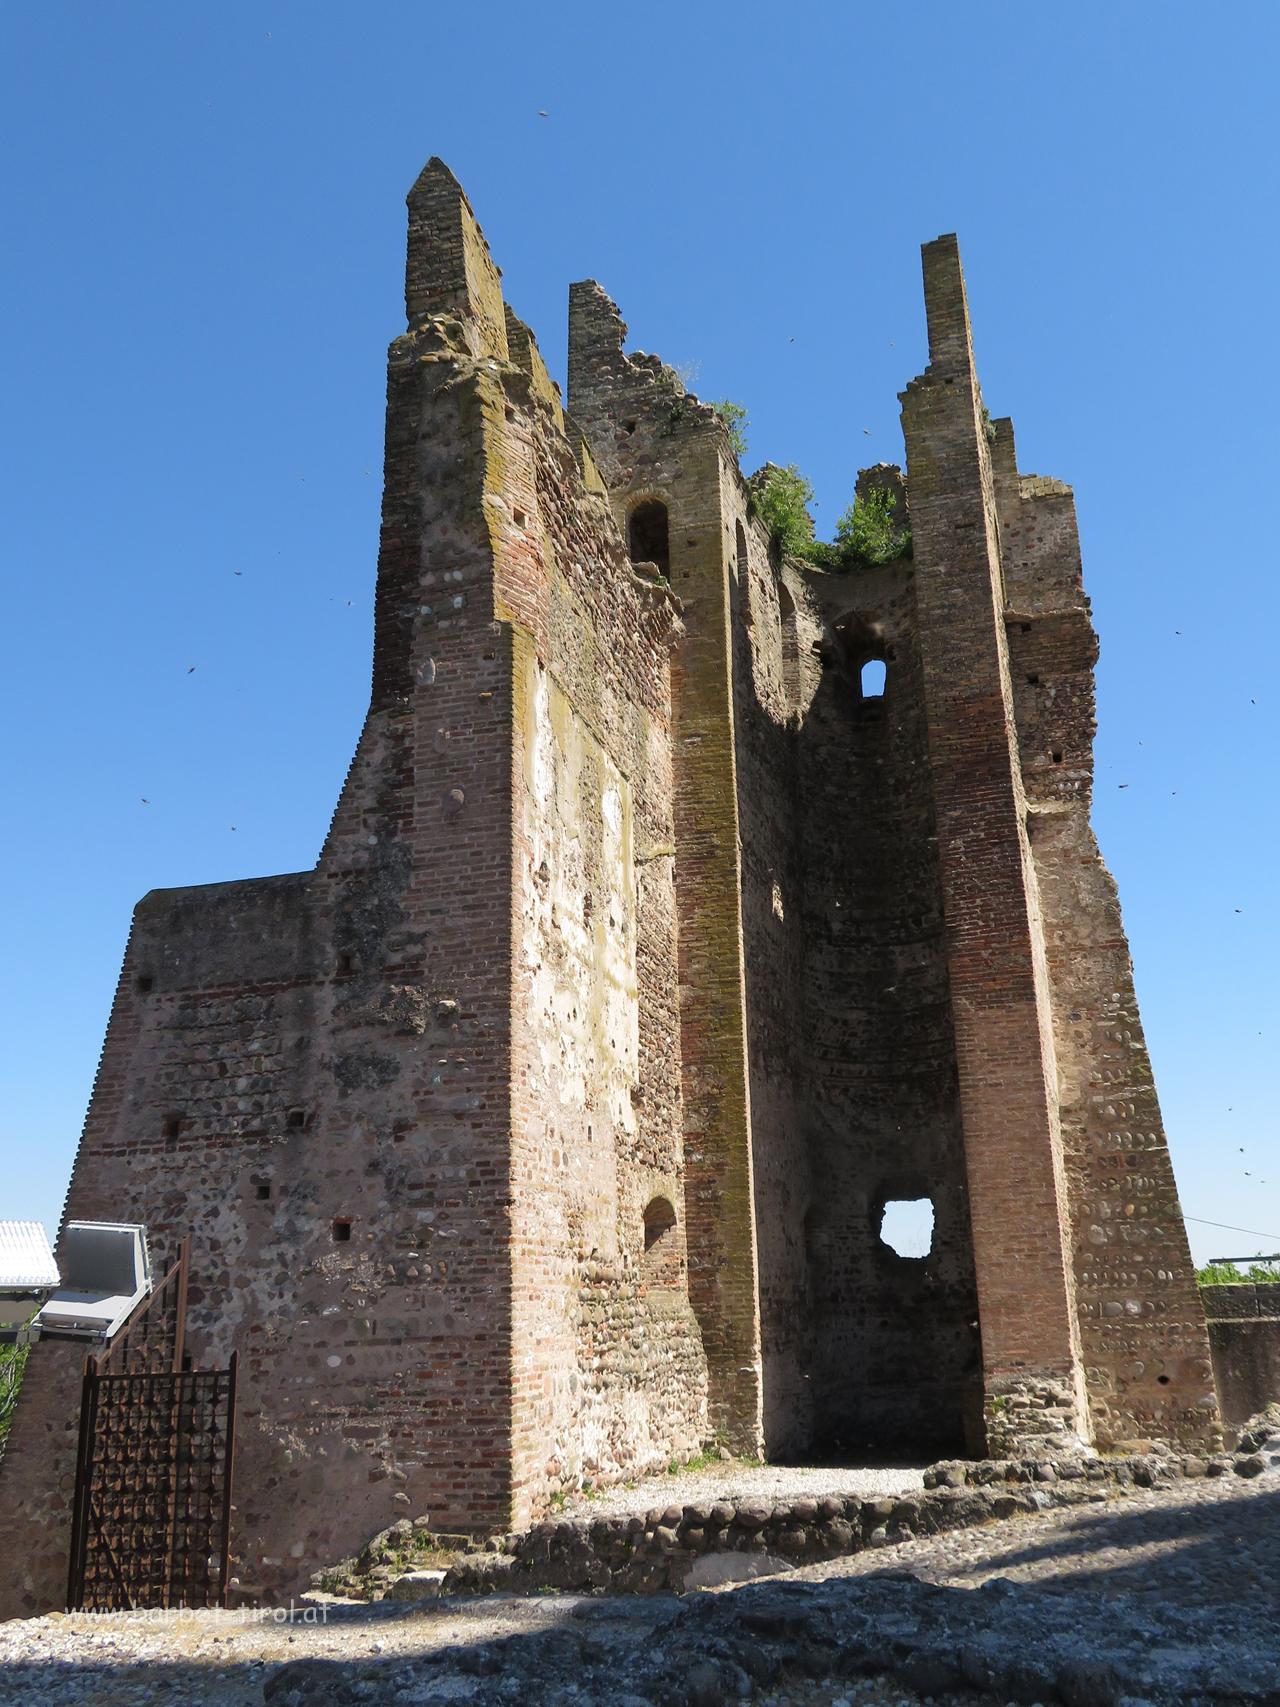 Am Skaliger Schloss von Valeggio sul Mincio